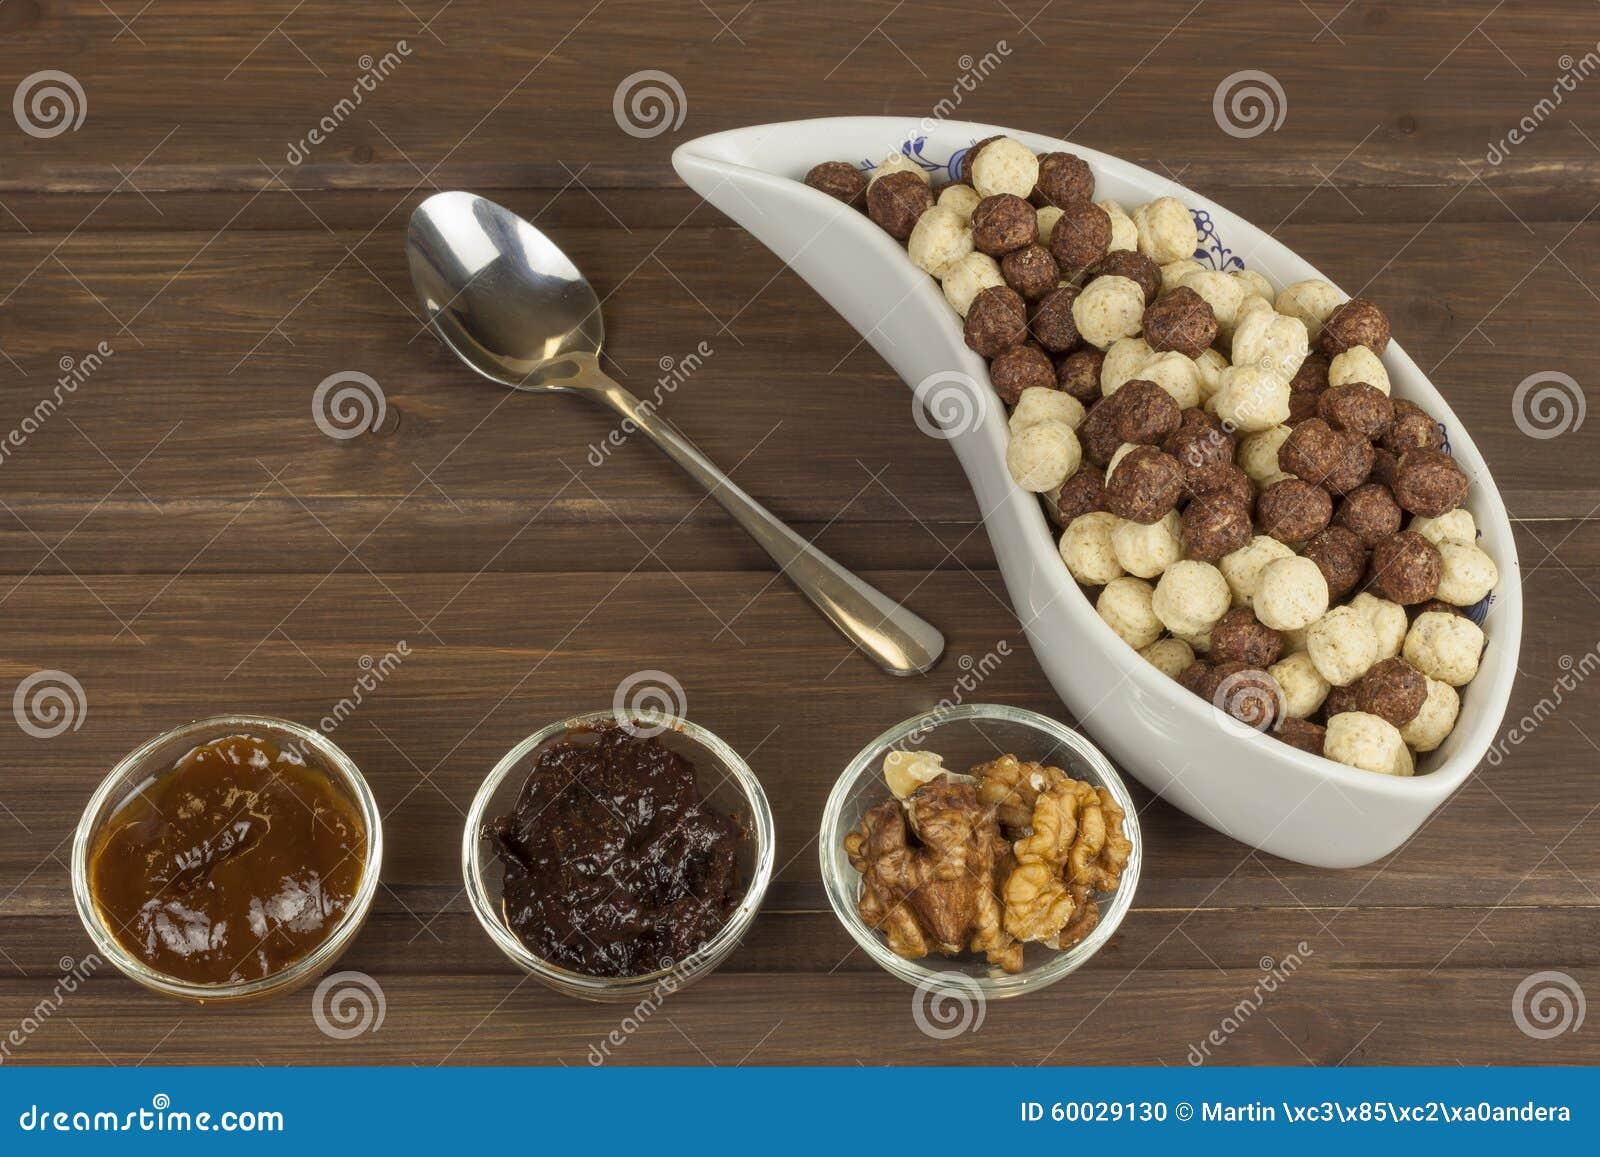 dieta di yogurt grasso con farina davena